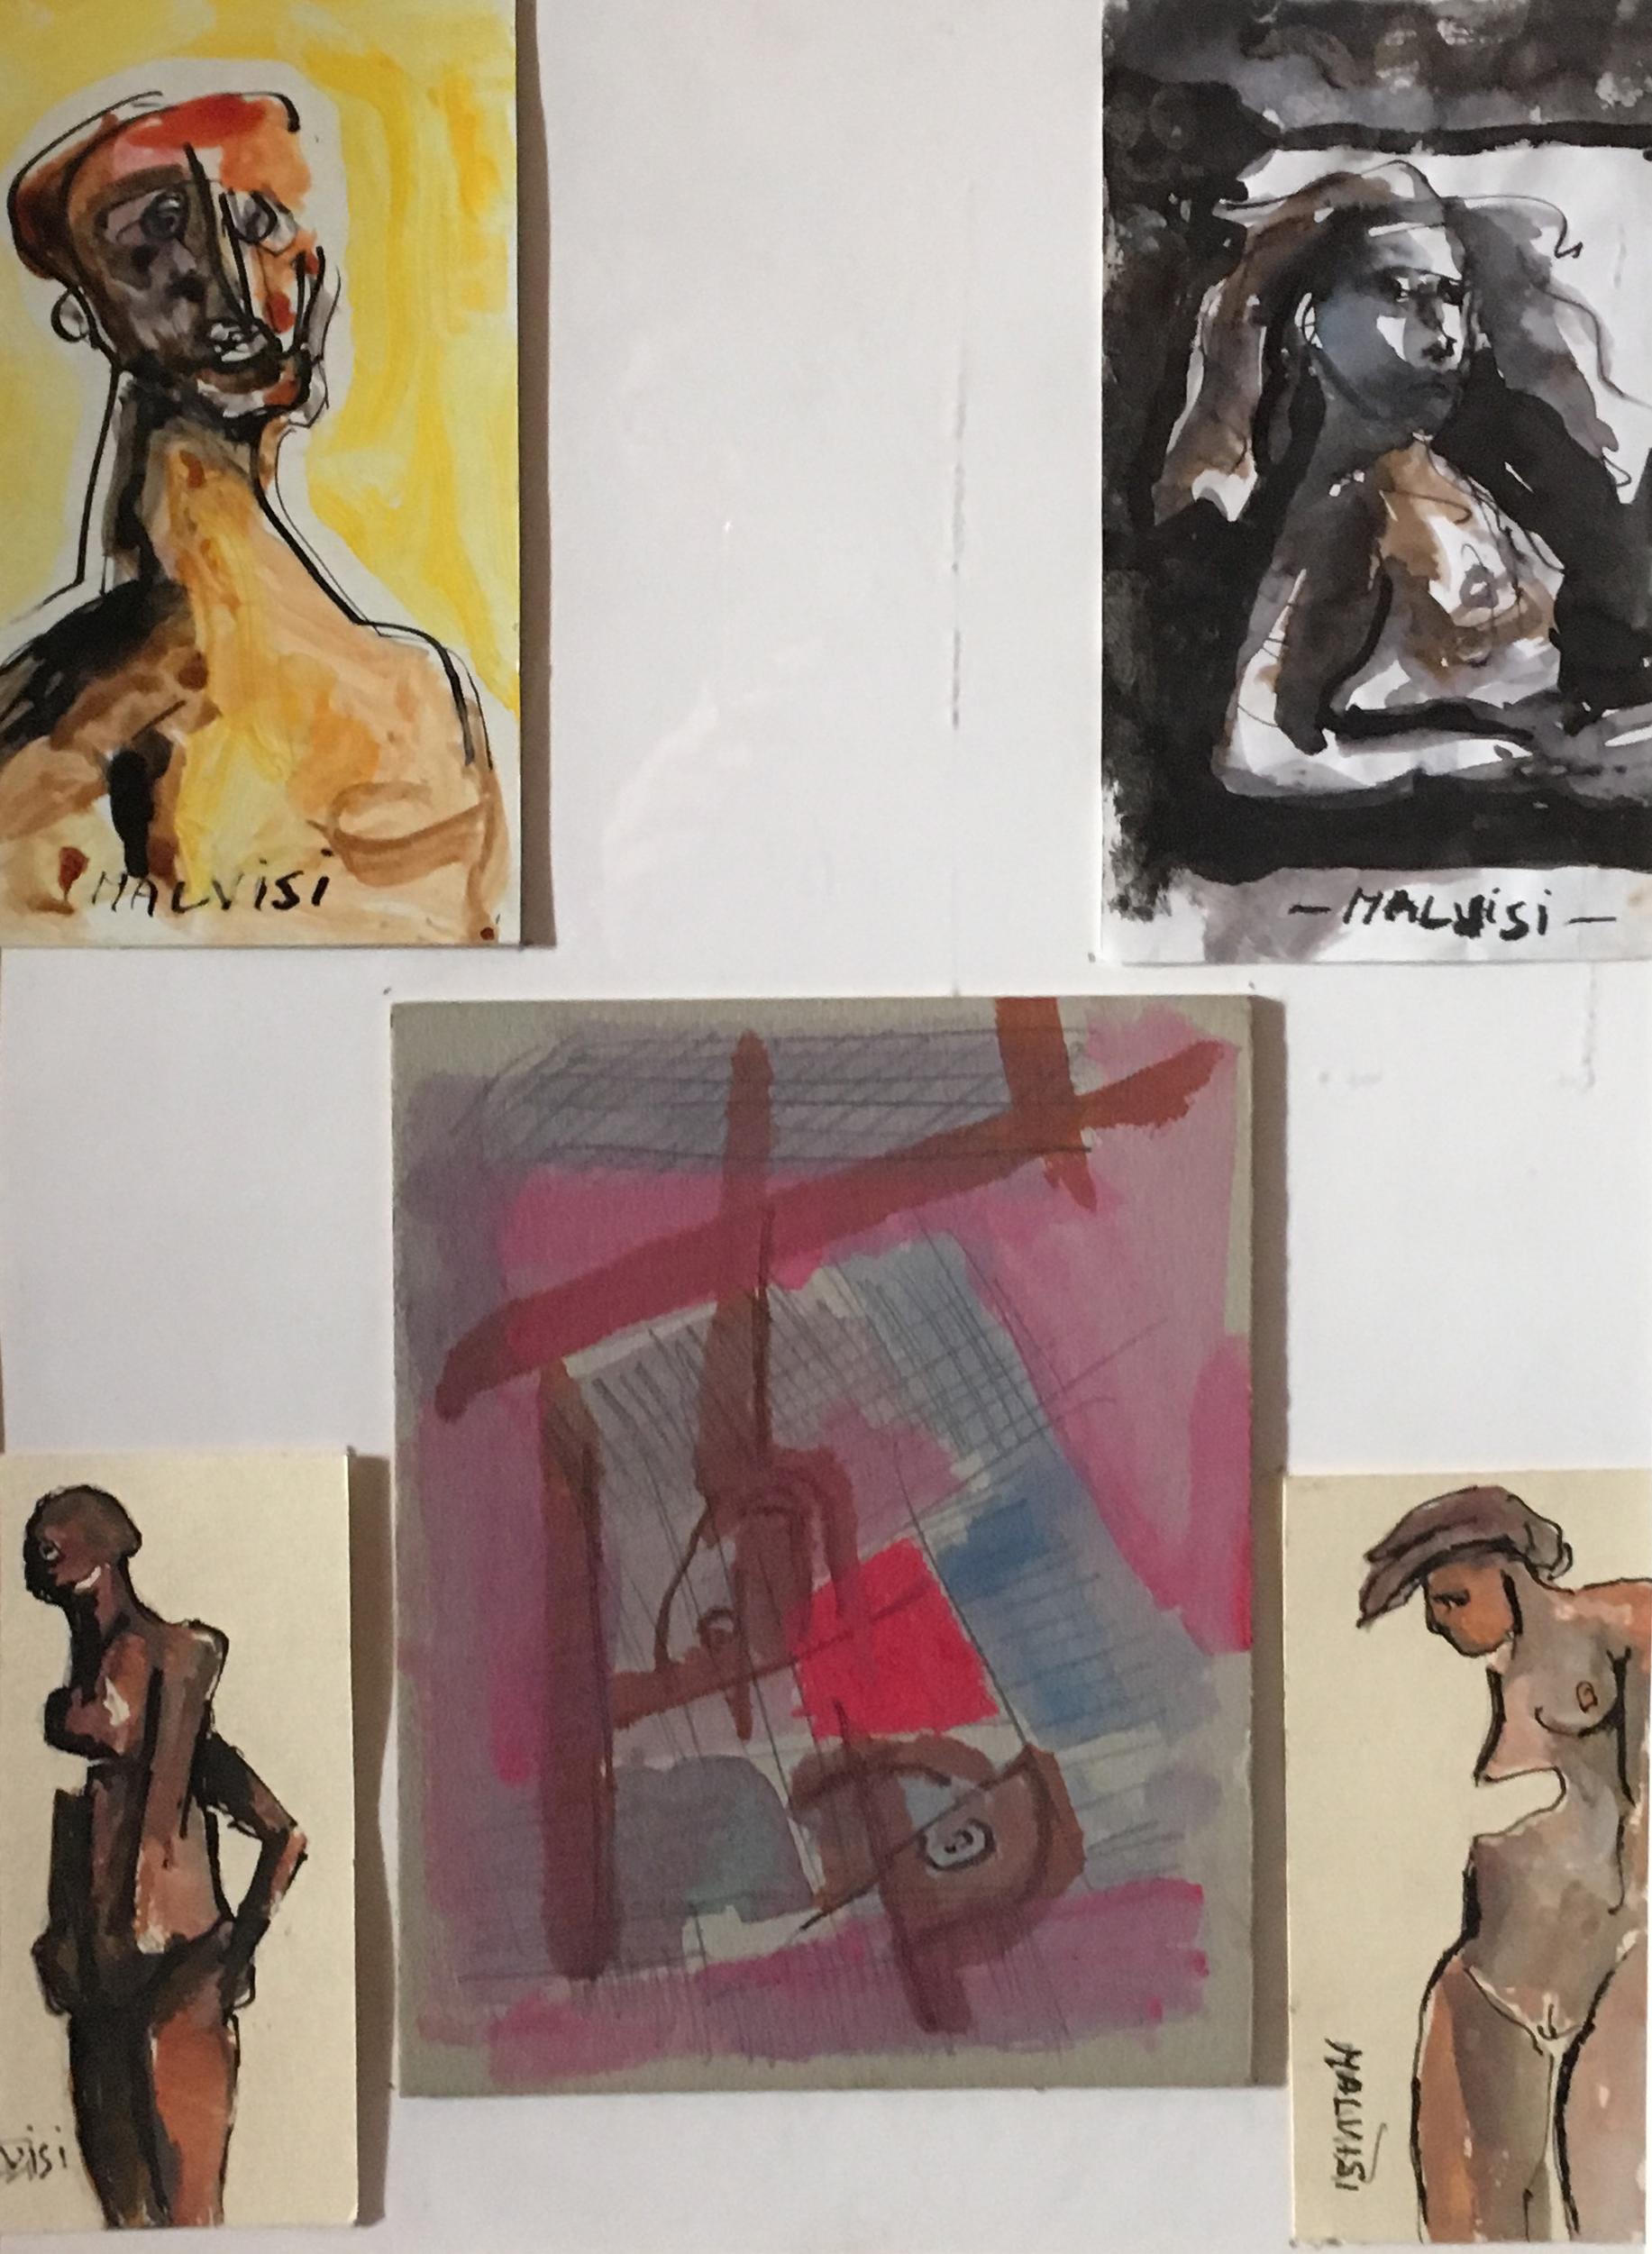 <b>Safe hands</b><br> (Orig.Mani sicure) <br>2006 Indian ink on paper <br> cm 38 x 52